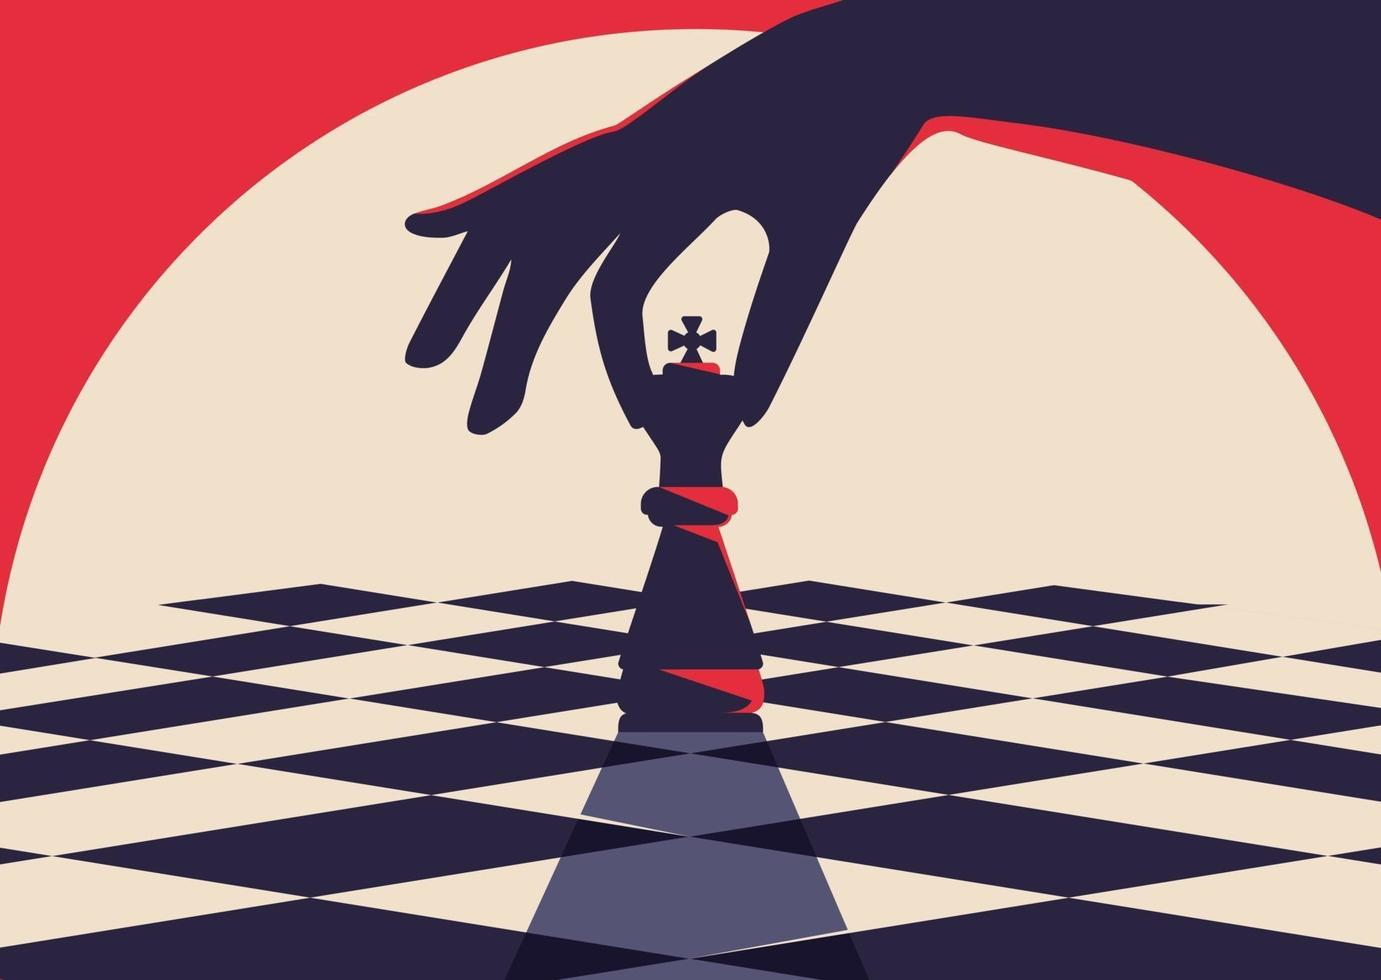 Fahnenschablone mit Hand, die Schachfigur hält. vektor